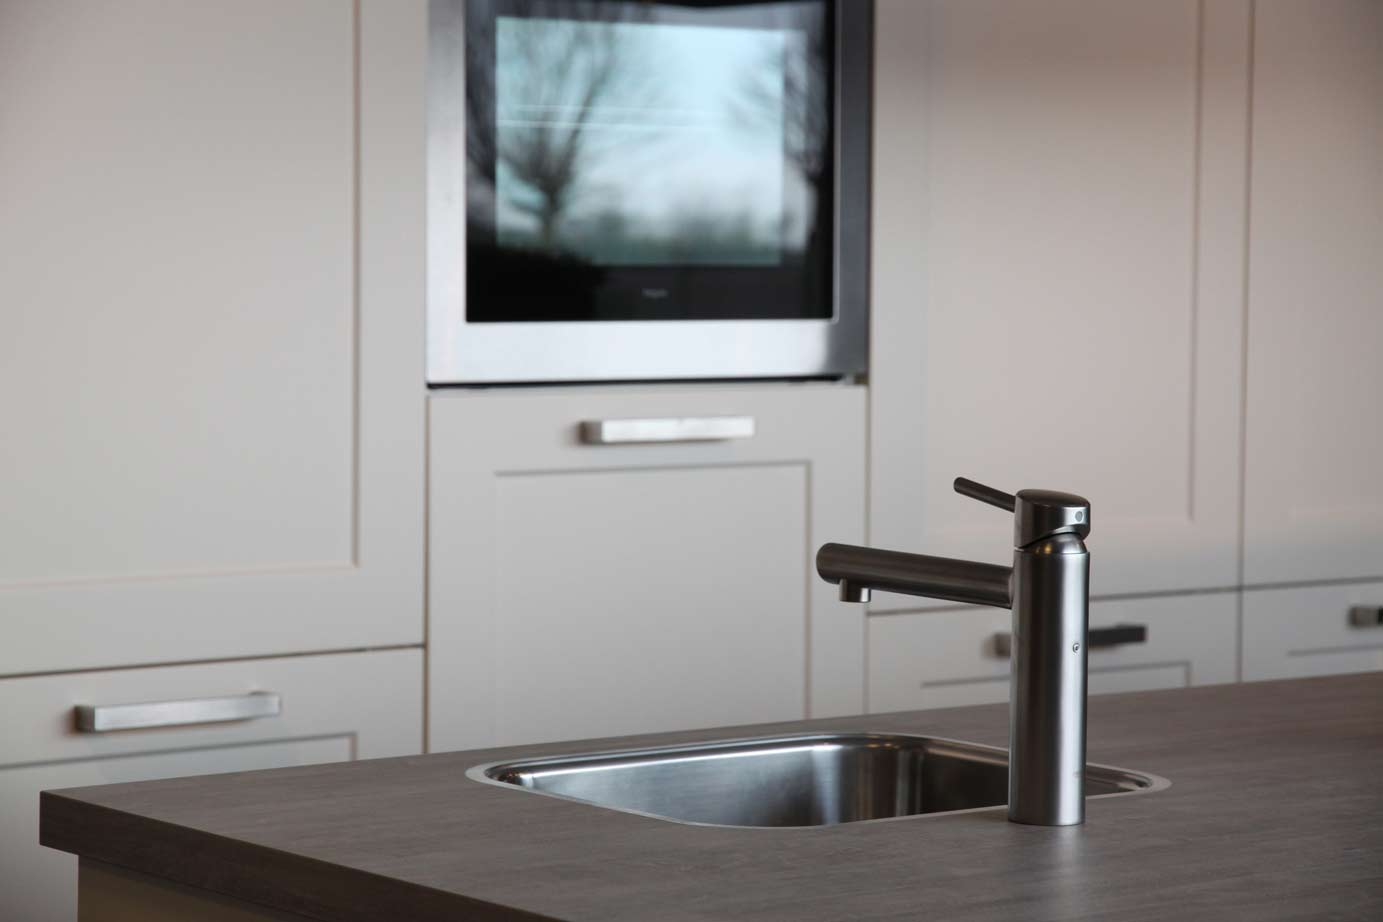 Keuken Met Kookeiland Afmetingen : Keuken met luxe kookeiland – DB Keukens